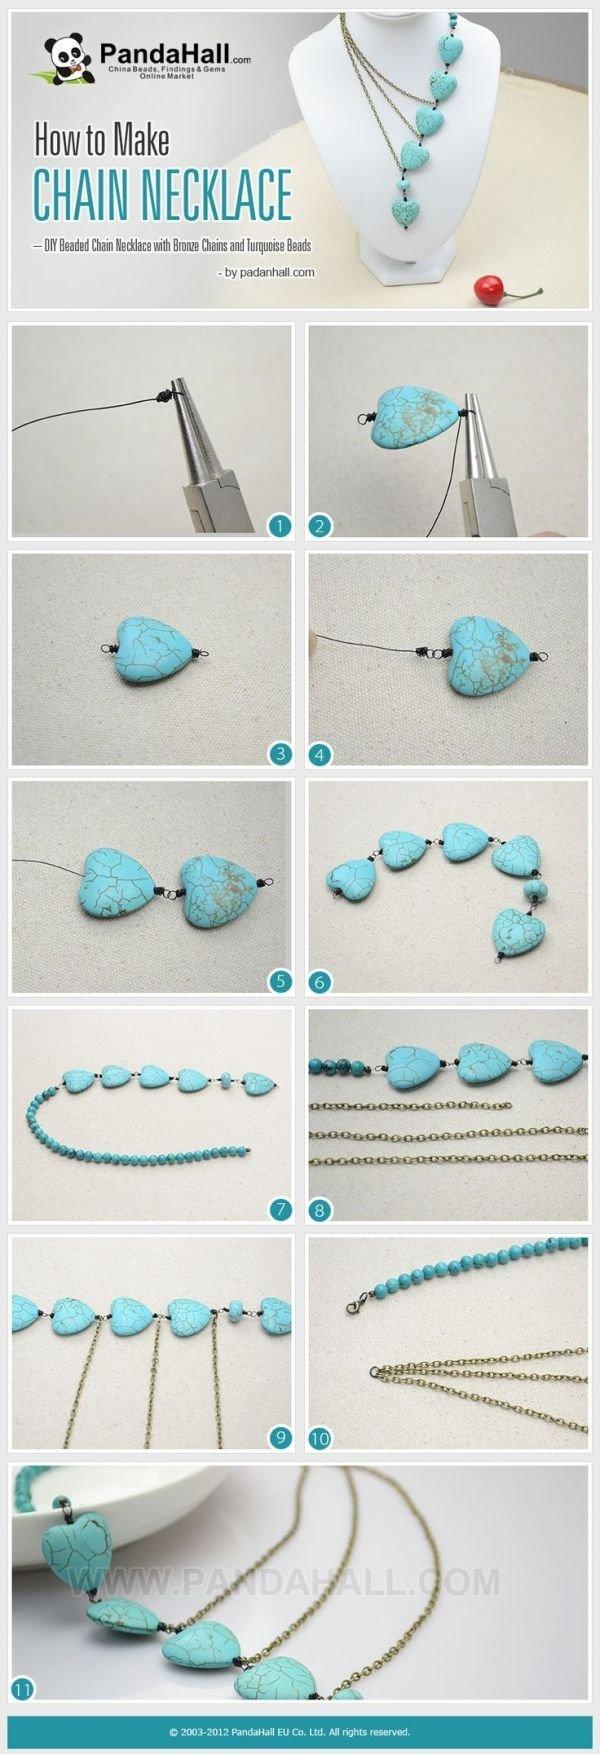 blue,aqua,product,biology,diagram,